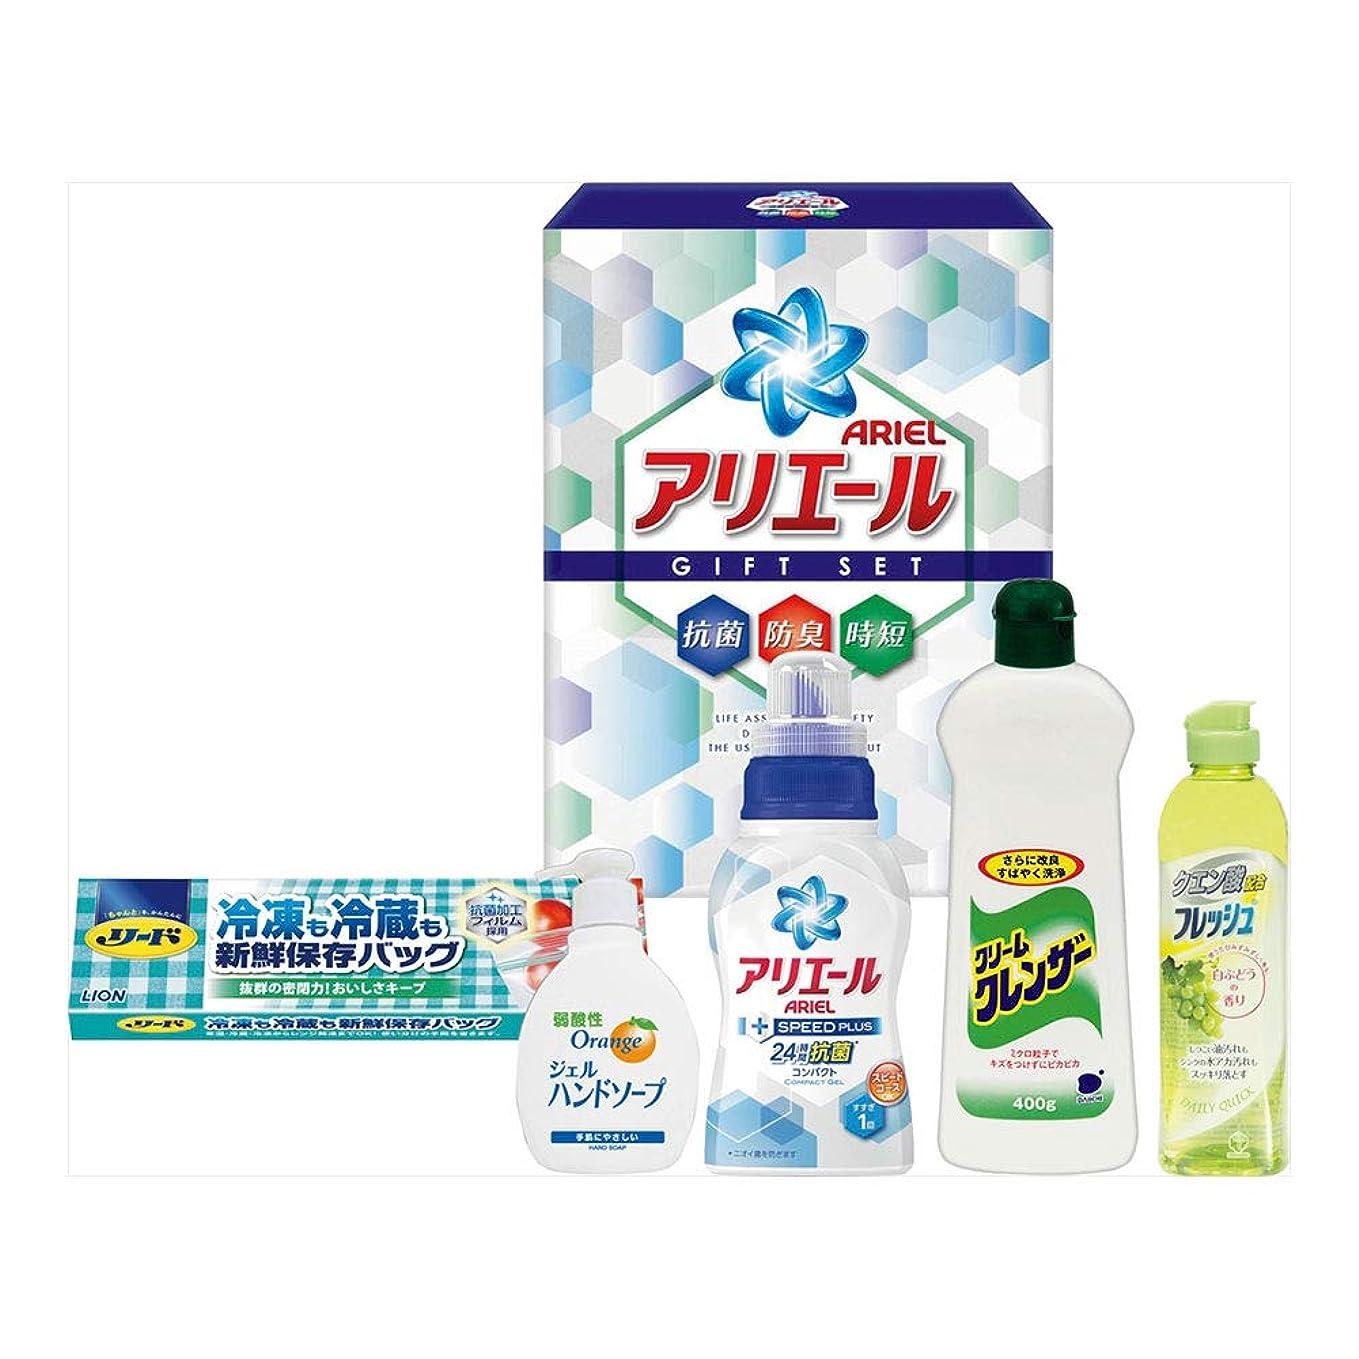 共和党ペルー読みやすいアリエールスピードプラスバラエティ洗剤セット RFF-DM 液体洗剤ギフト